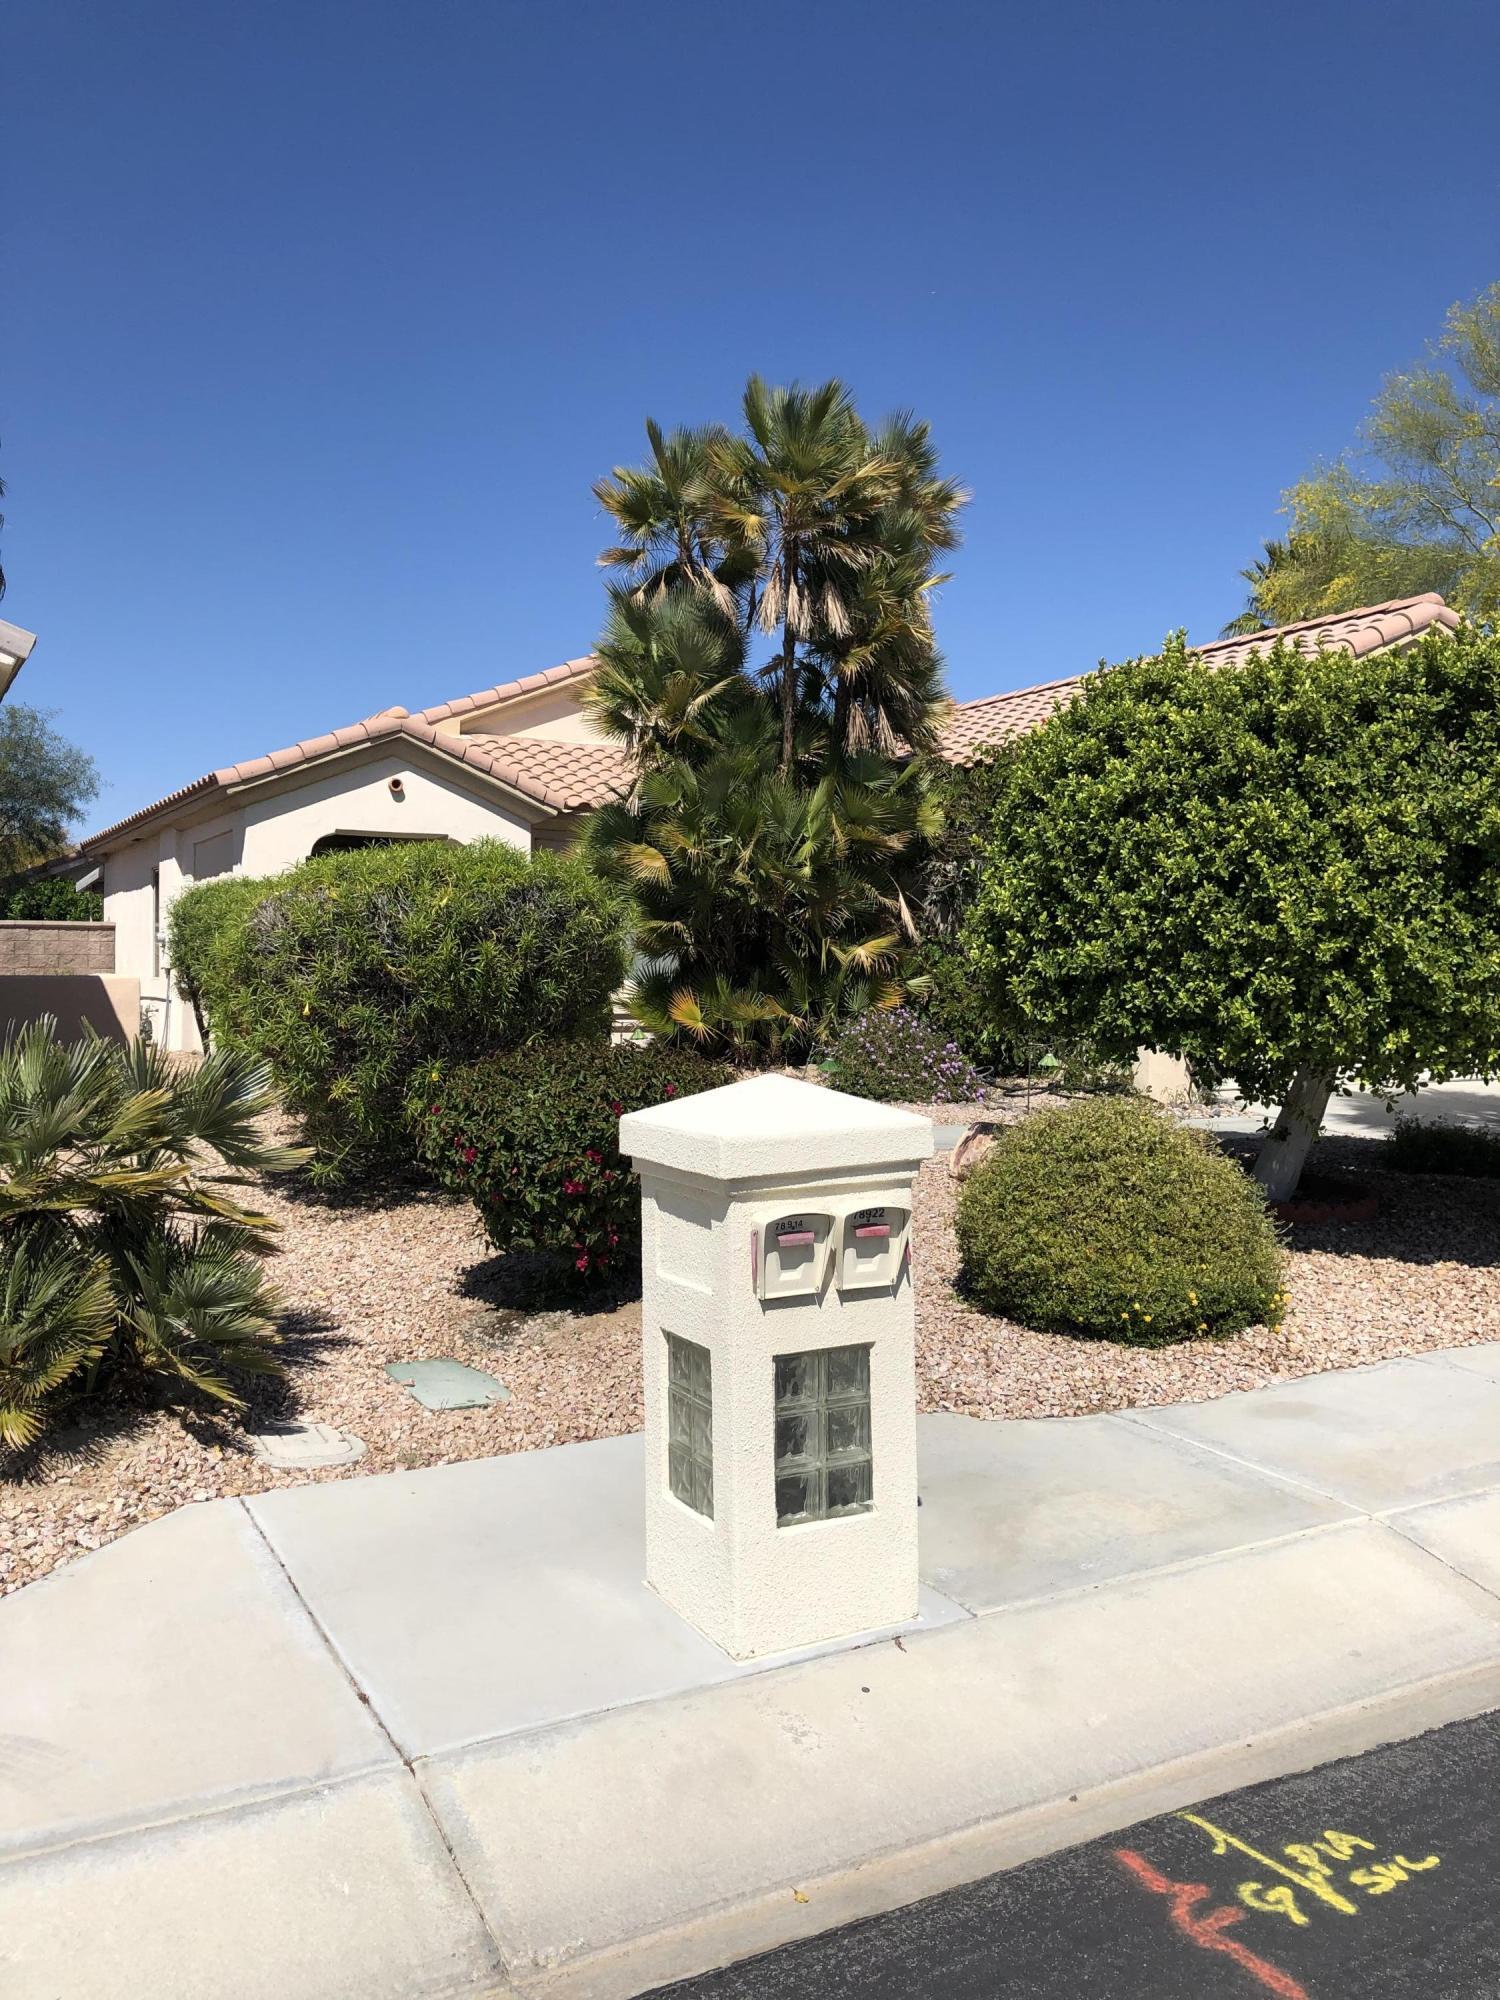 Photo of 78922 Nectarine Drive, Palm Desert, CA 92211